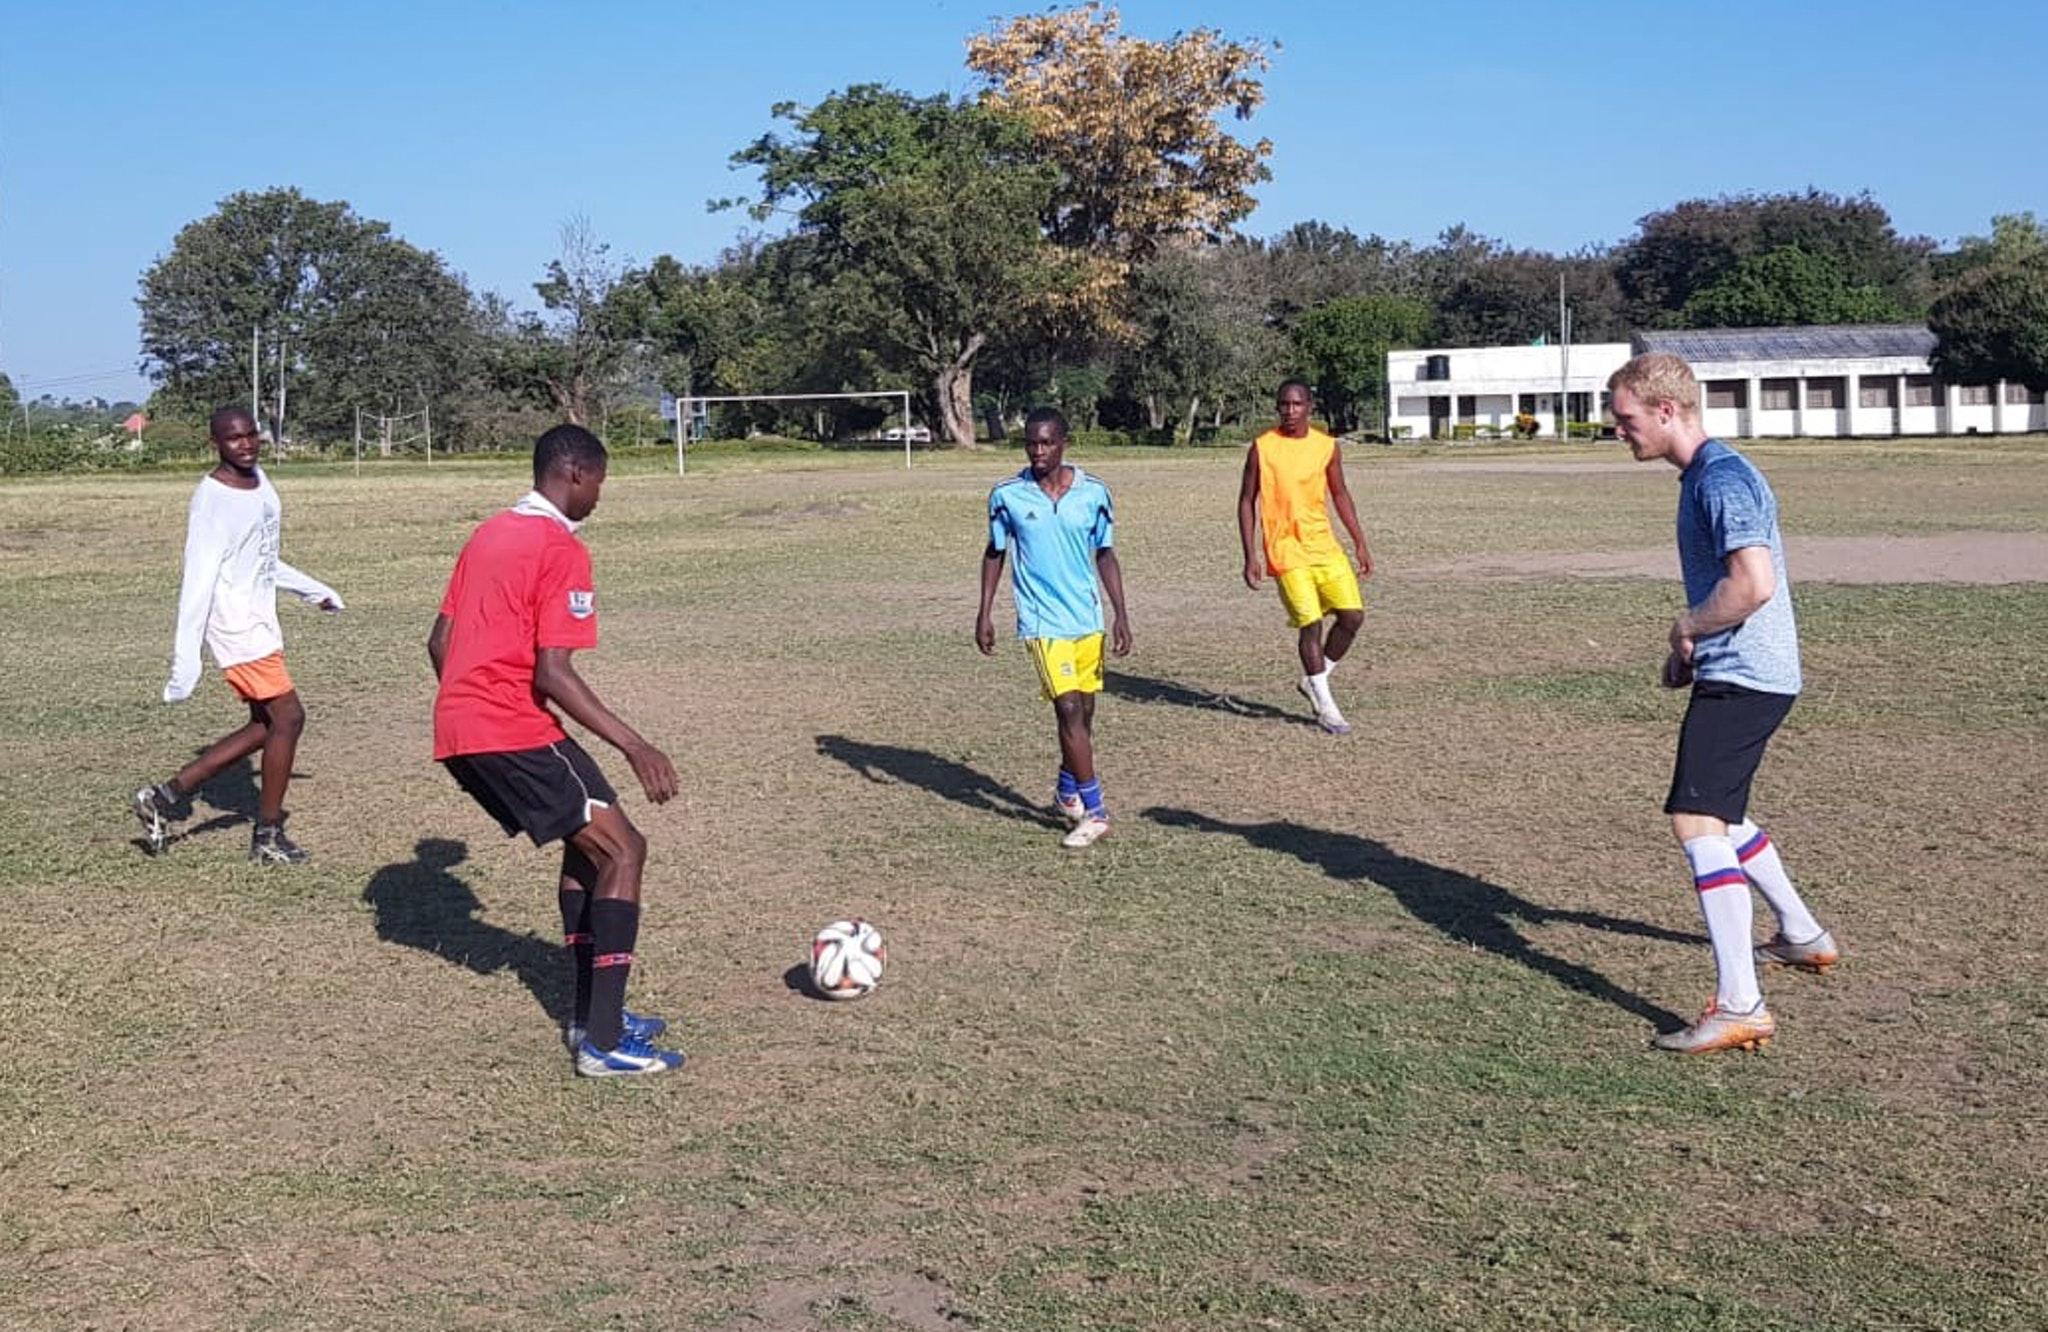 Fußballtraining in Tansania: Tim Jost war nach seiner Trainertätigkeit nochmals vor Ort. Foto: © Jost